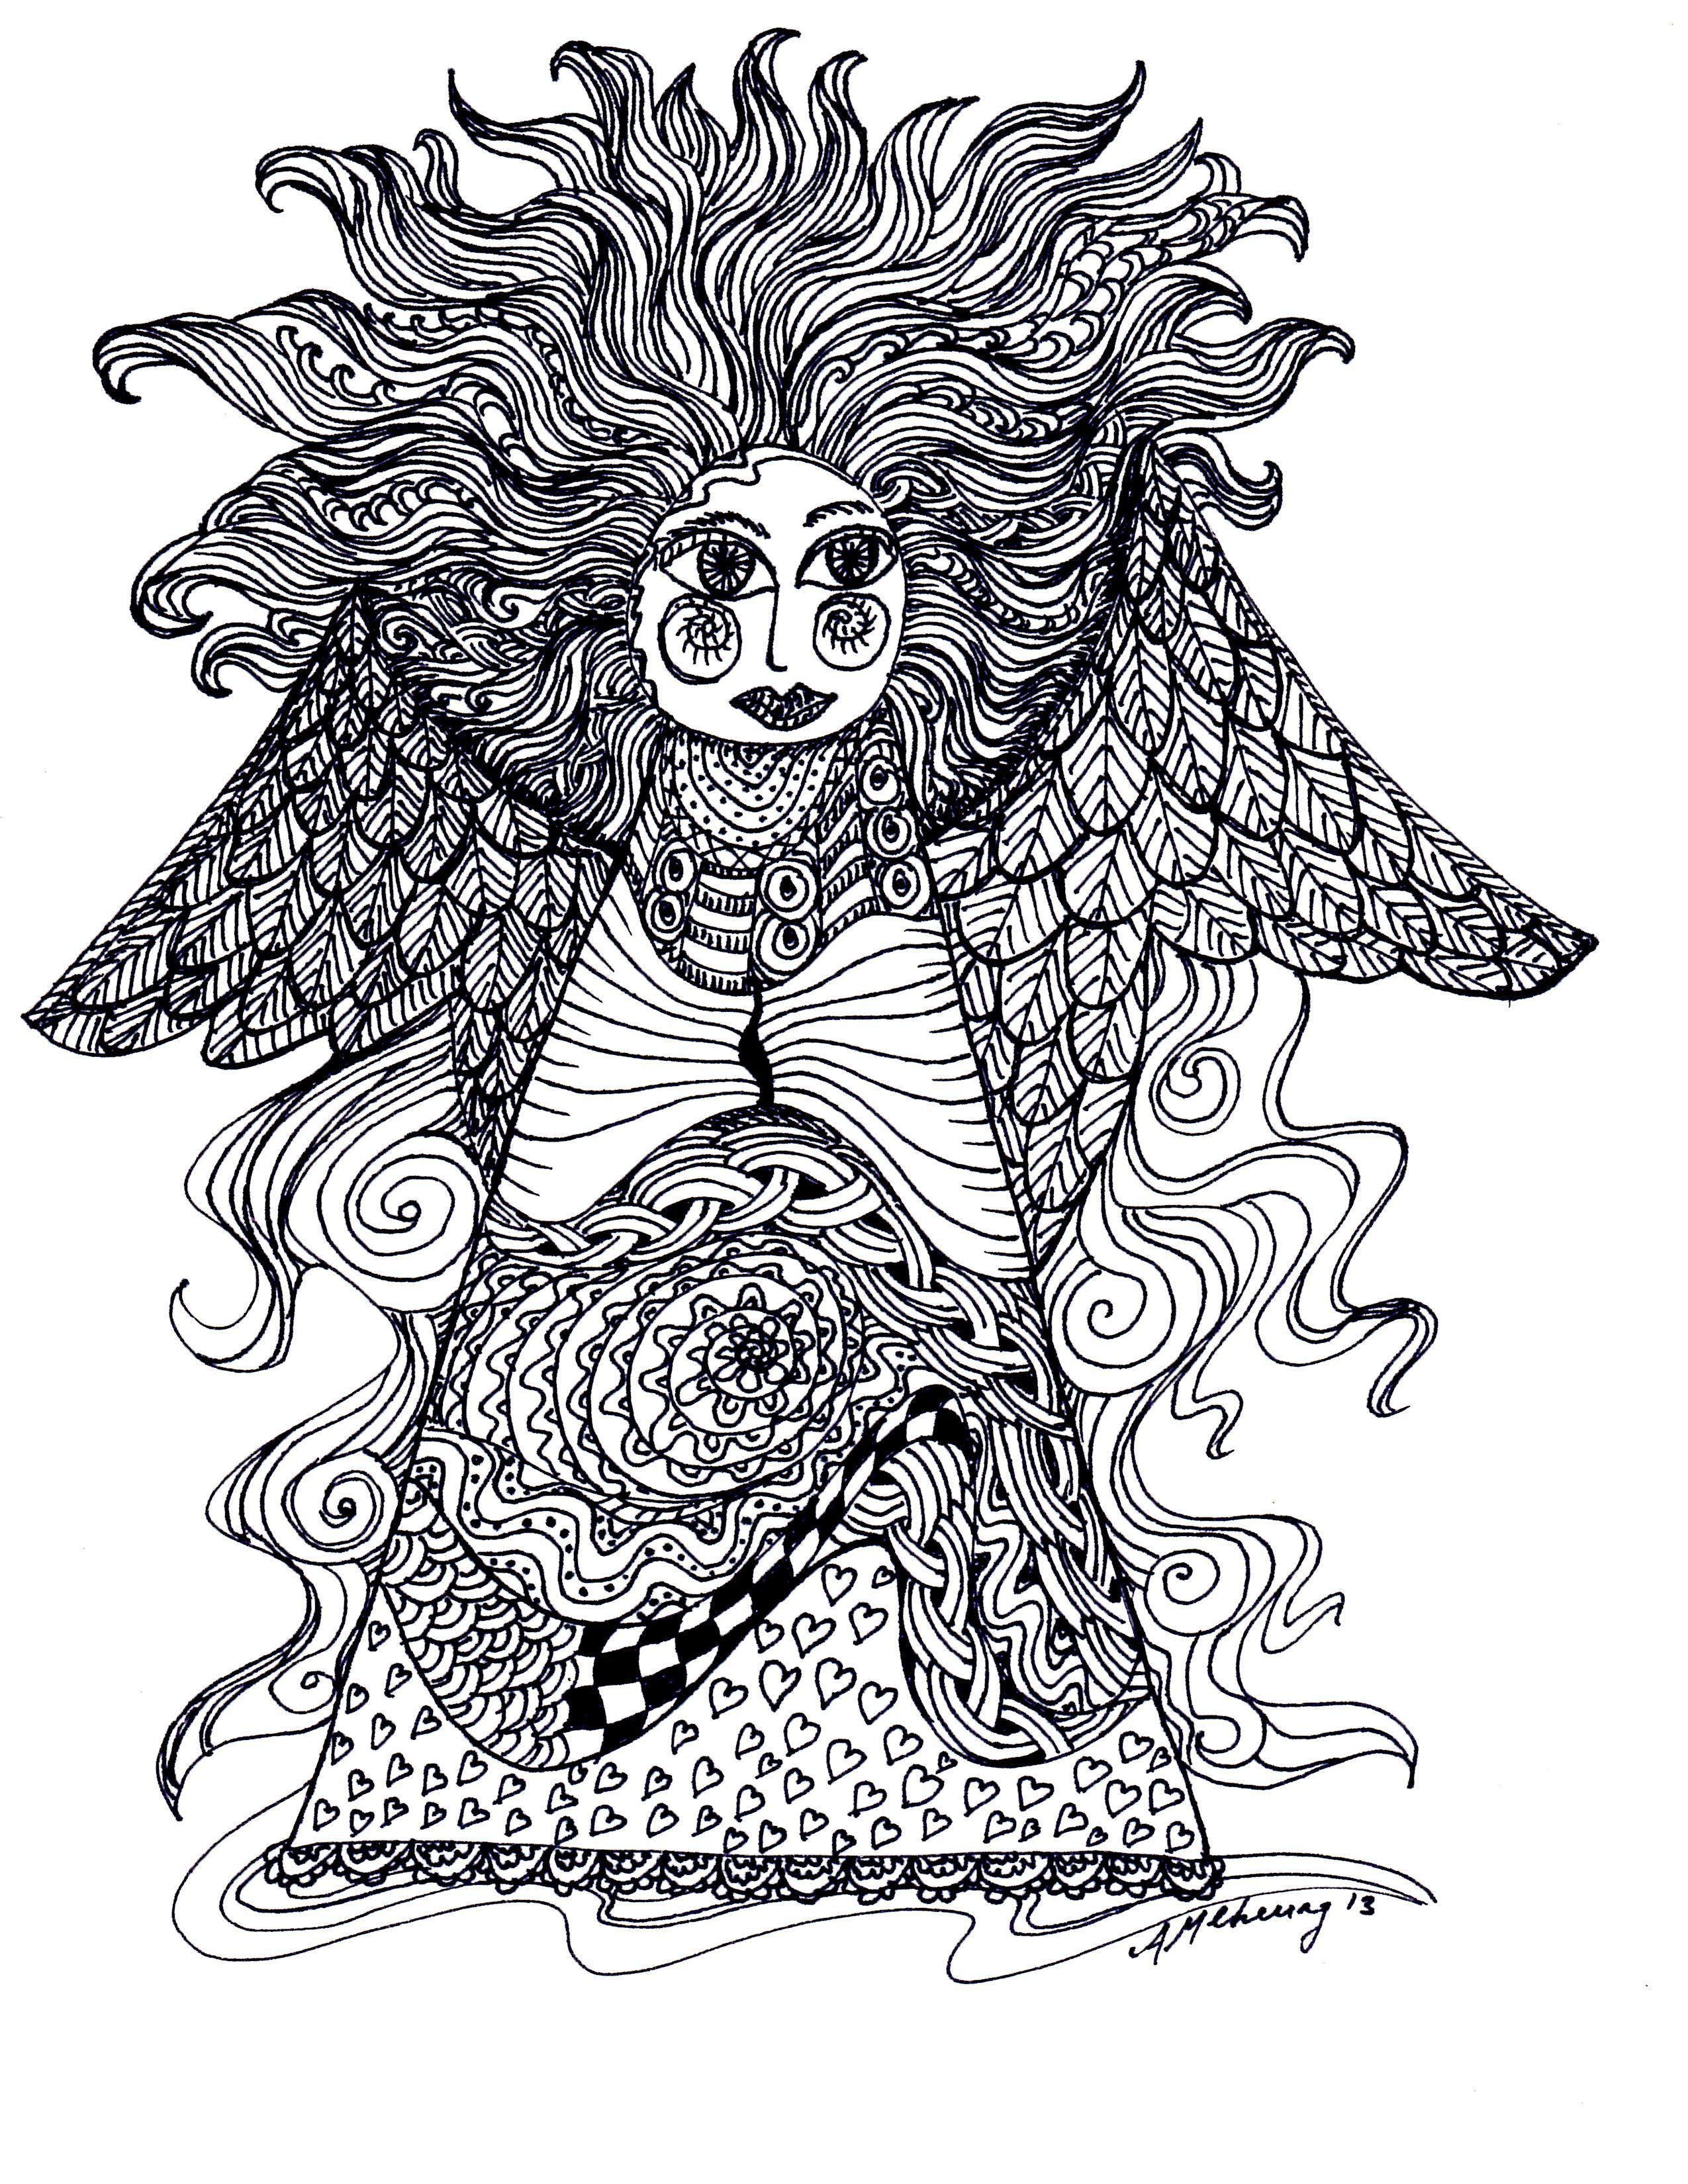 Zen Doodle Angel by Ann-Marie Cheung